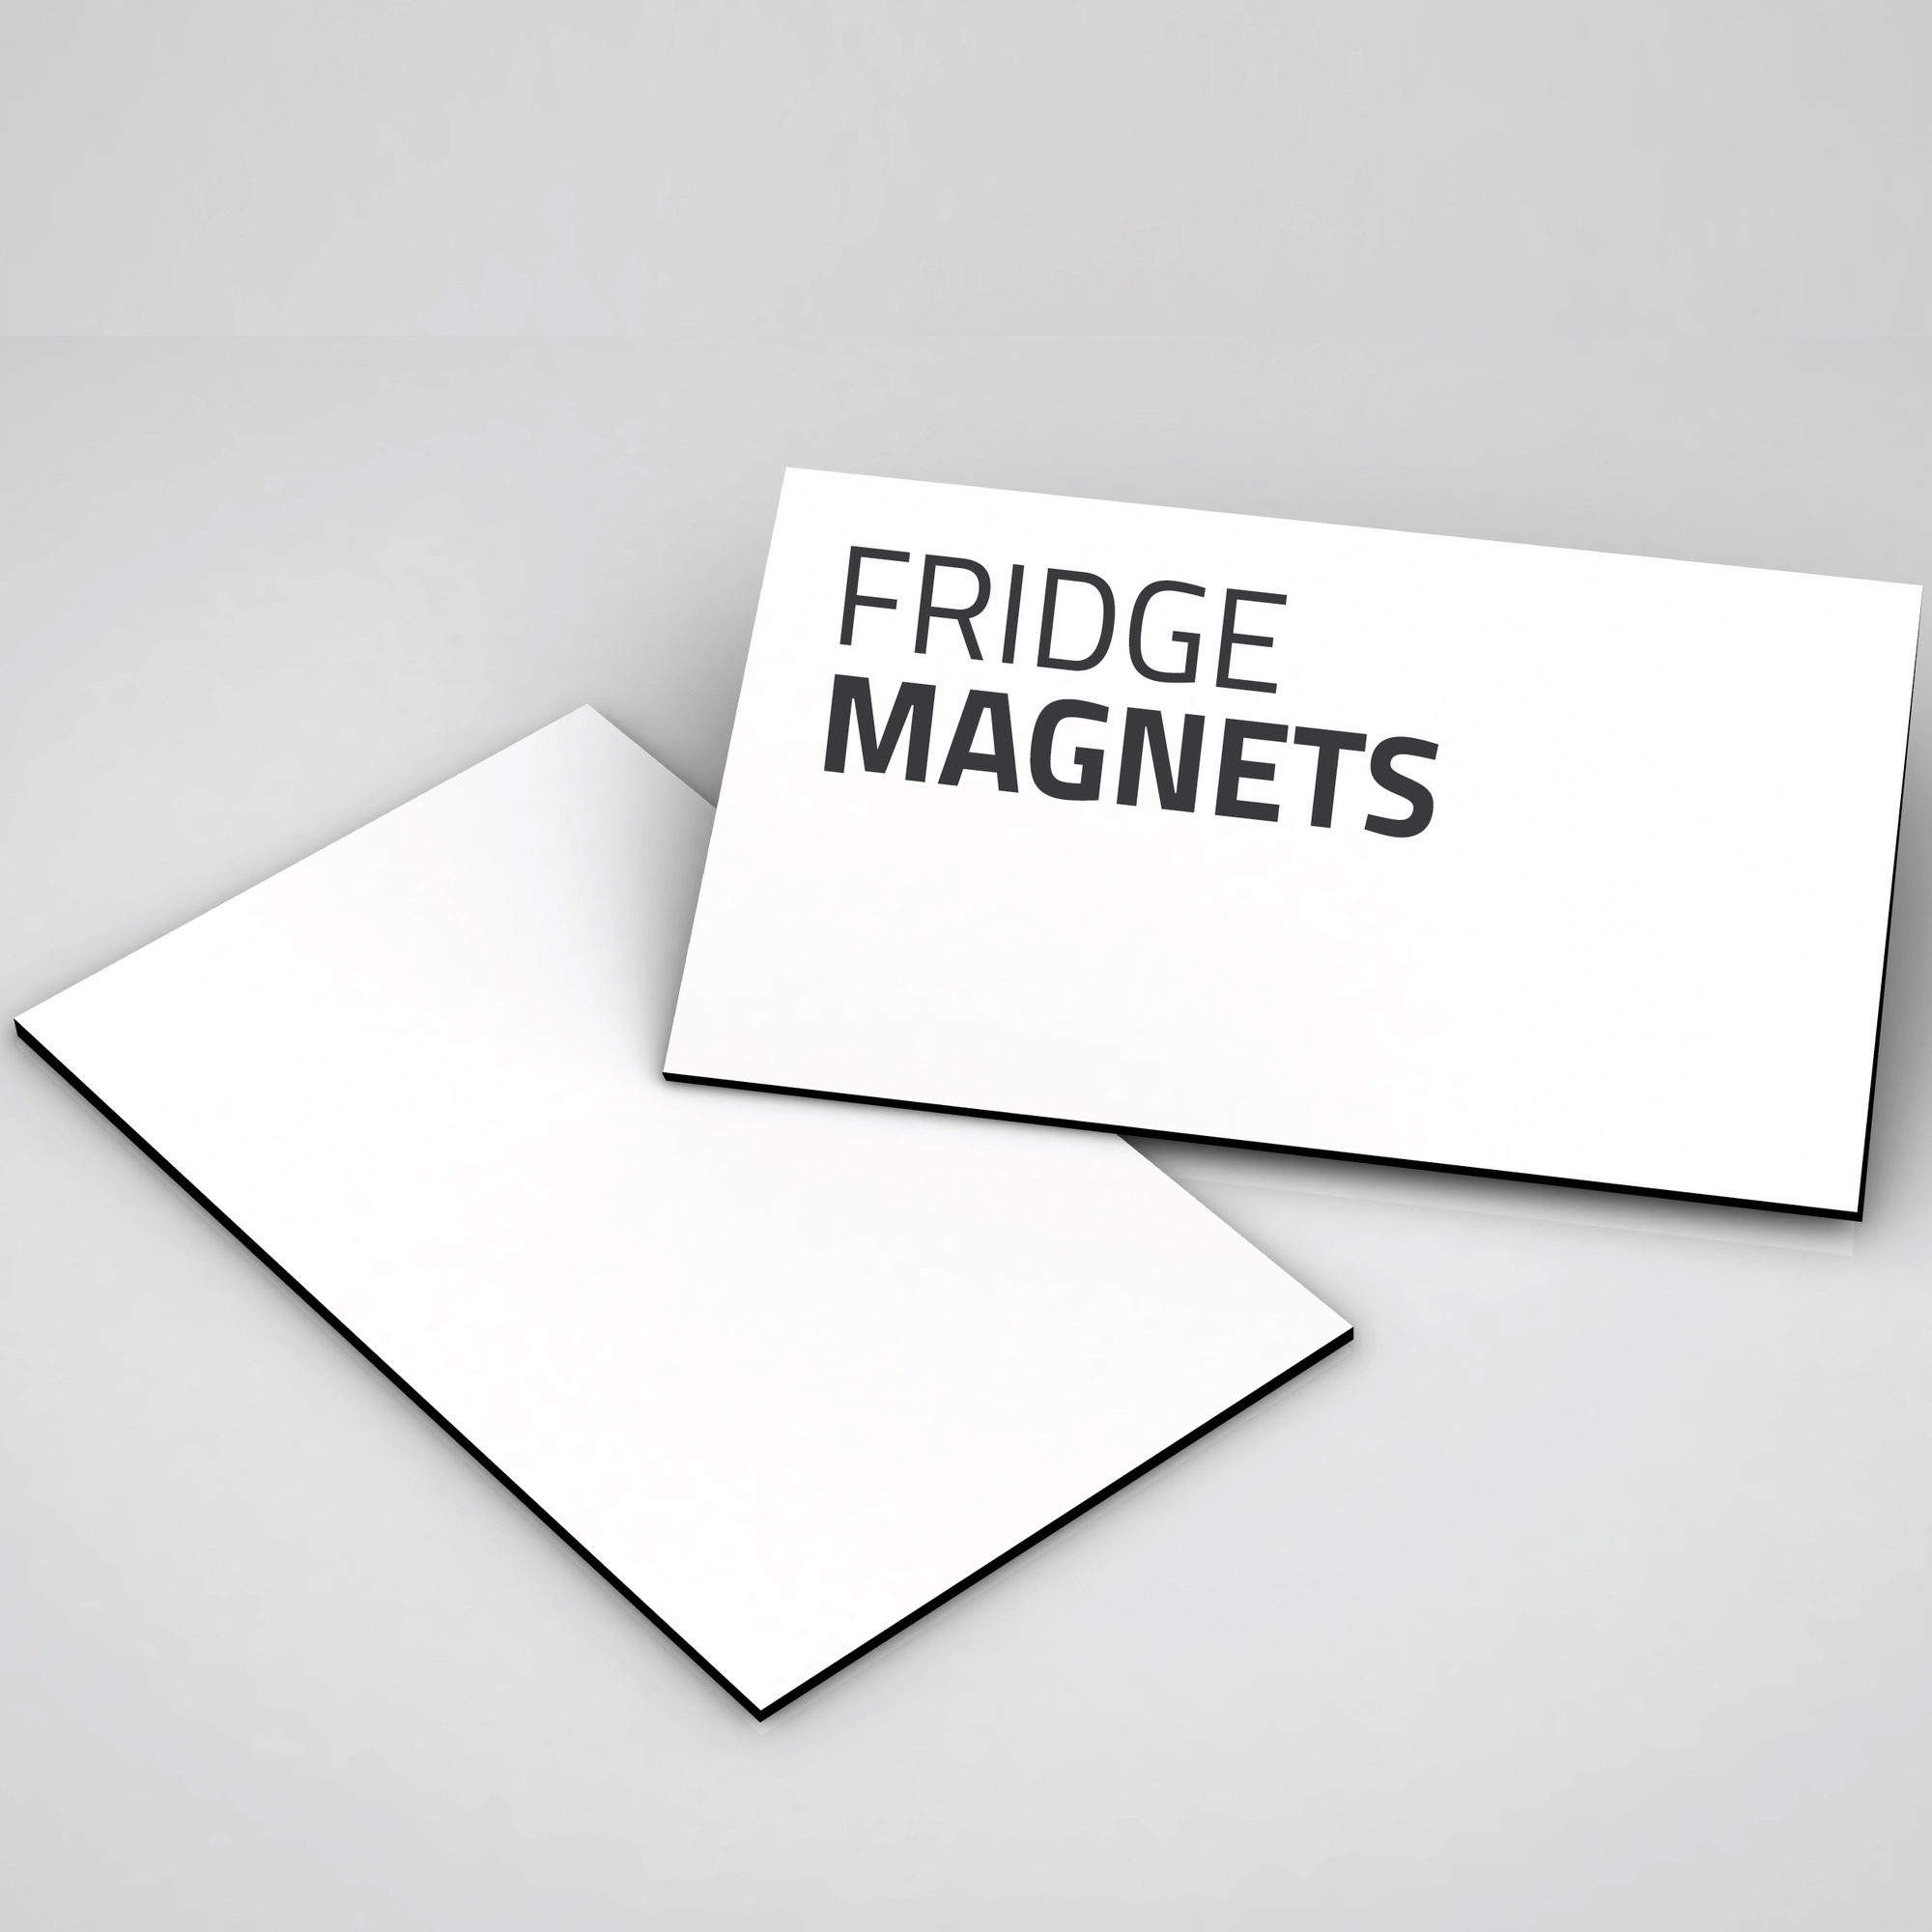 https://shop.copycatprint.com.au/images/products_gallery_images/COPYCAT_WEB_MAGNETS_GALLERY_IMAGES_MAR18-0183.jpg